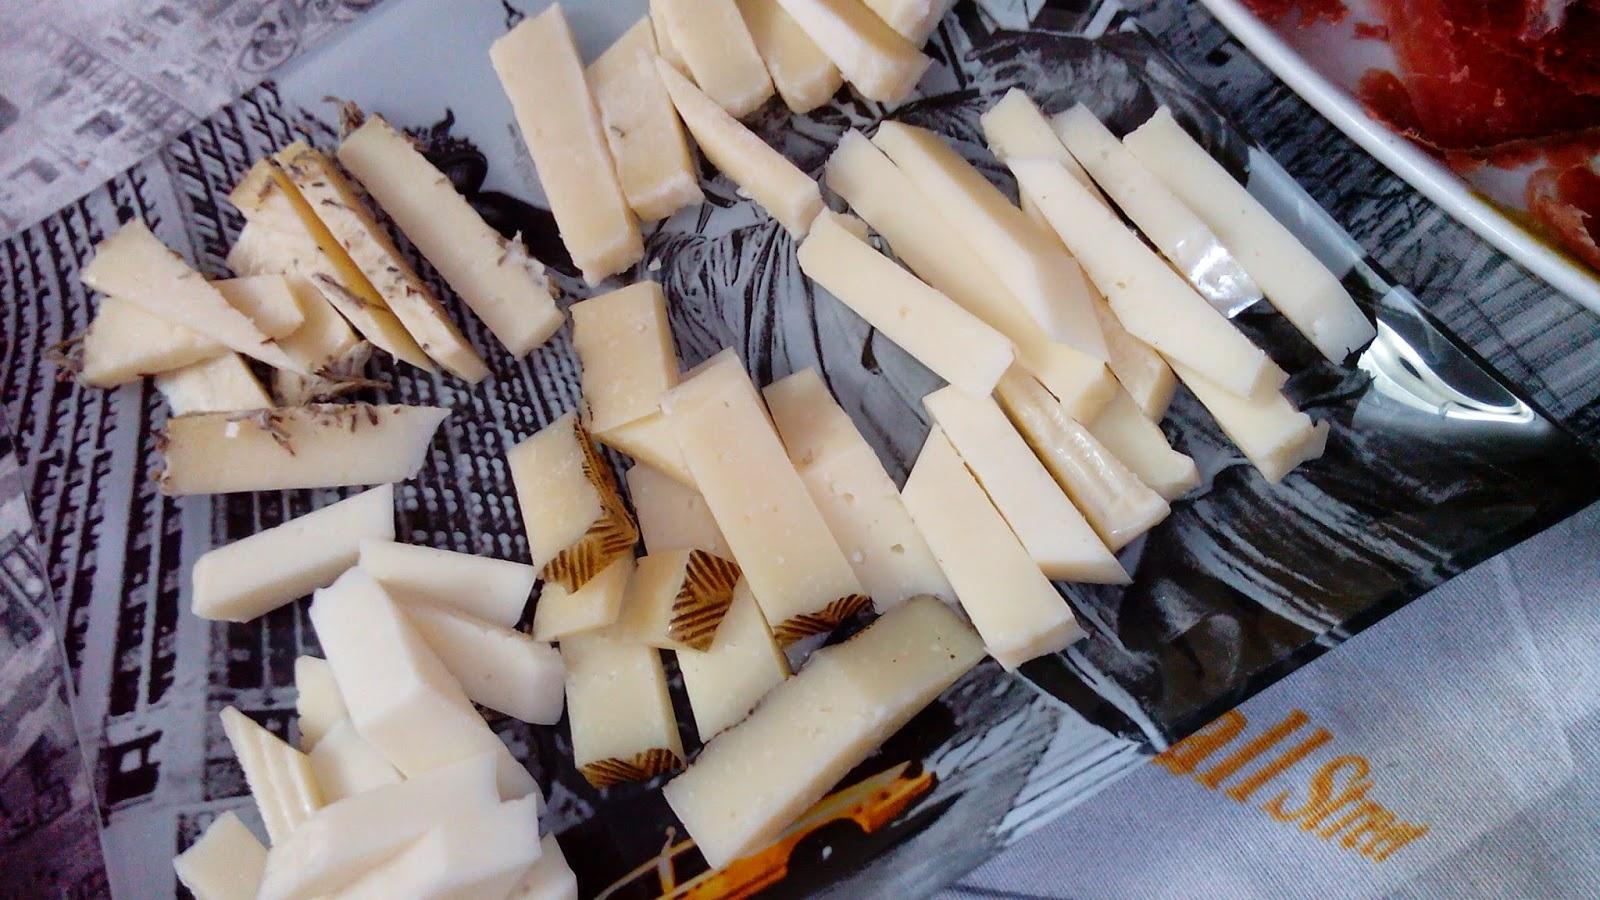 quesos de vega sotuelamos online buenisimos